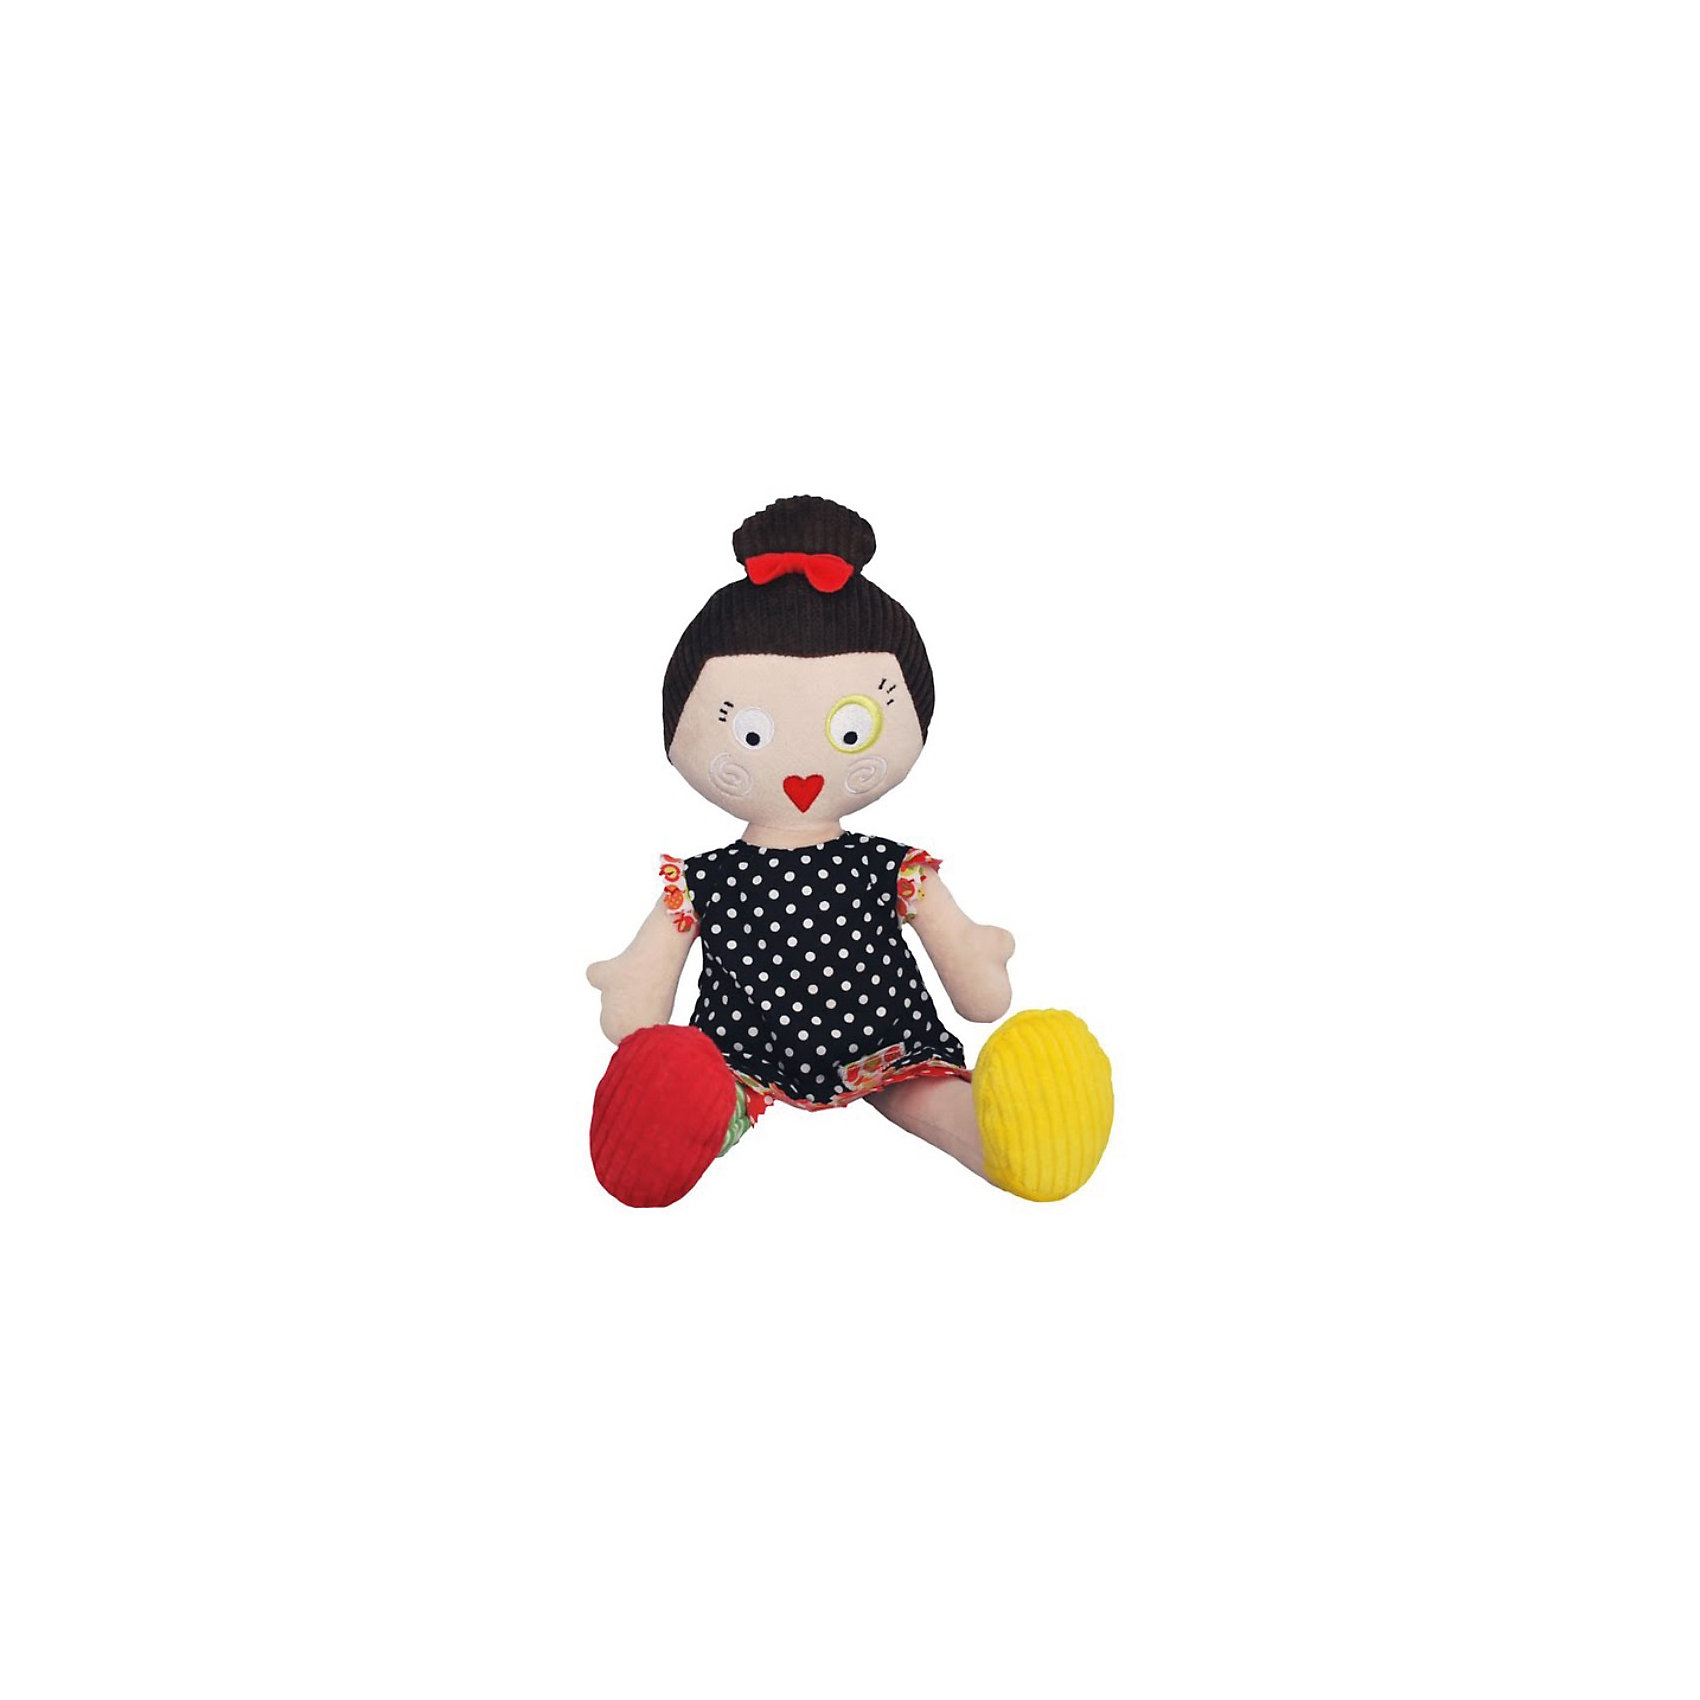 Кукла Mistinguette Lucette, DeglingosМягкая дизайнерская кукла Lucette (Люсетт) Deglingos с элементами ручной вышивки сразу покорит сердце вашей малышки! Люсетт завоевывает симпатию, экстравагантным и необычным видом. Люсетт располагает к себе, вызывает улыбку, радость, с ней хочется играть снова и снова. Она настоящая парижанка и имеет нее свой неповторимый стиль. Игрушка порадует ее обладателя ручной работой, высоким уровнем исполнения и достойным выбором первоклассных материалов, взятых для ее изготовления.<br>Мягкой необычной кукле будет рад и ребенок, у которого появится новая подружка, и взрослый, который порадуется оригинальному подарку.<br><br>Дополнительная информация:<br><br>- Все детали куклы вышиты вручную.<br>- Материалы: велюр, вельвет, ситец, драп, мешковина.<br>- Наполнитель: полиэстер<br>- Высота куклы: 34 см.<br>- Размер упаковки: 10х15х23 см.<br>- Вес: 600 гр.<br><br>Куклу Mistinguette Lucette, Deglingos можно купить в нашем интернет-магазине.<br><br>Ширина мм: 100<br>Глубина мм: 150<br>Высота мм: 230<br>Вес г: 600<br>Возраст от месяцев: 36<br>Возраст до месяцев: 120<br>Пол: Женский<br>Возраст: Детский<br>SKU: 3771804